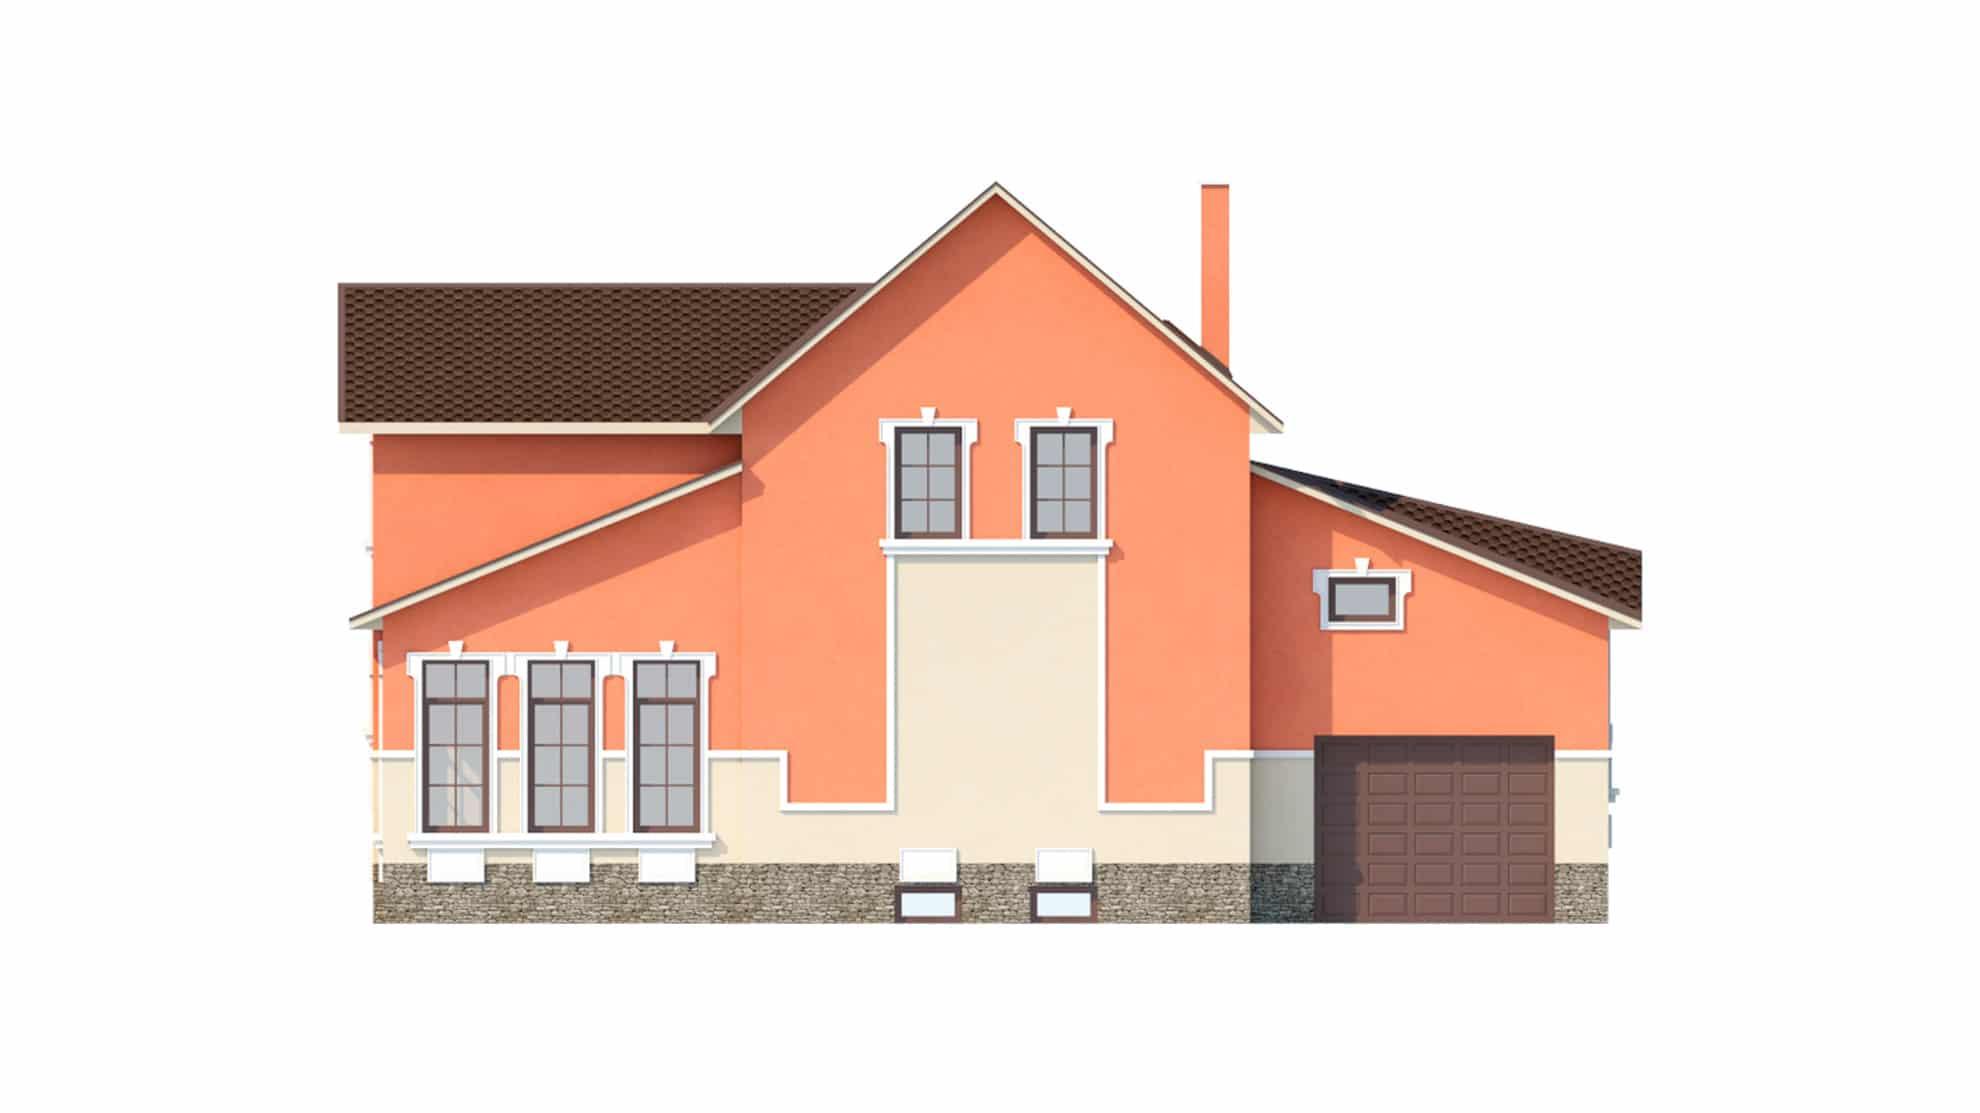 Фасад мансардного дома с гаражом, подвалом, верандой «КМ-41» сзади